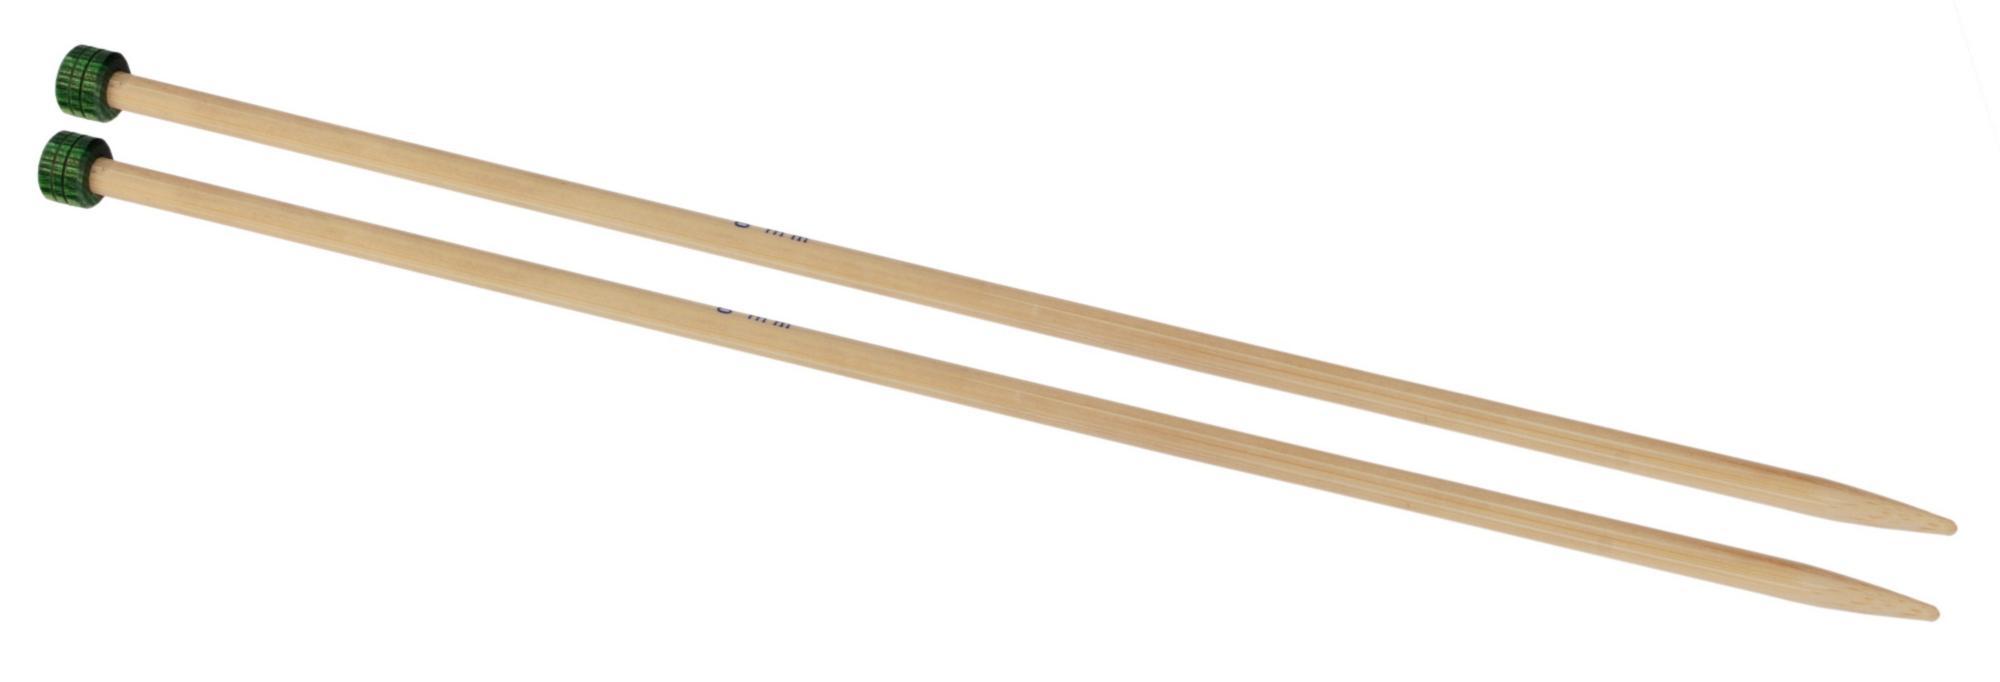 Спицы прямые 30 см Bamboo KnitPro, 22321, 2.00 мм